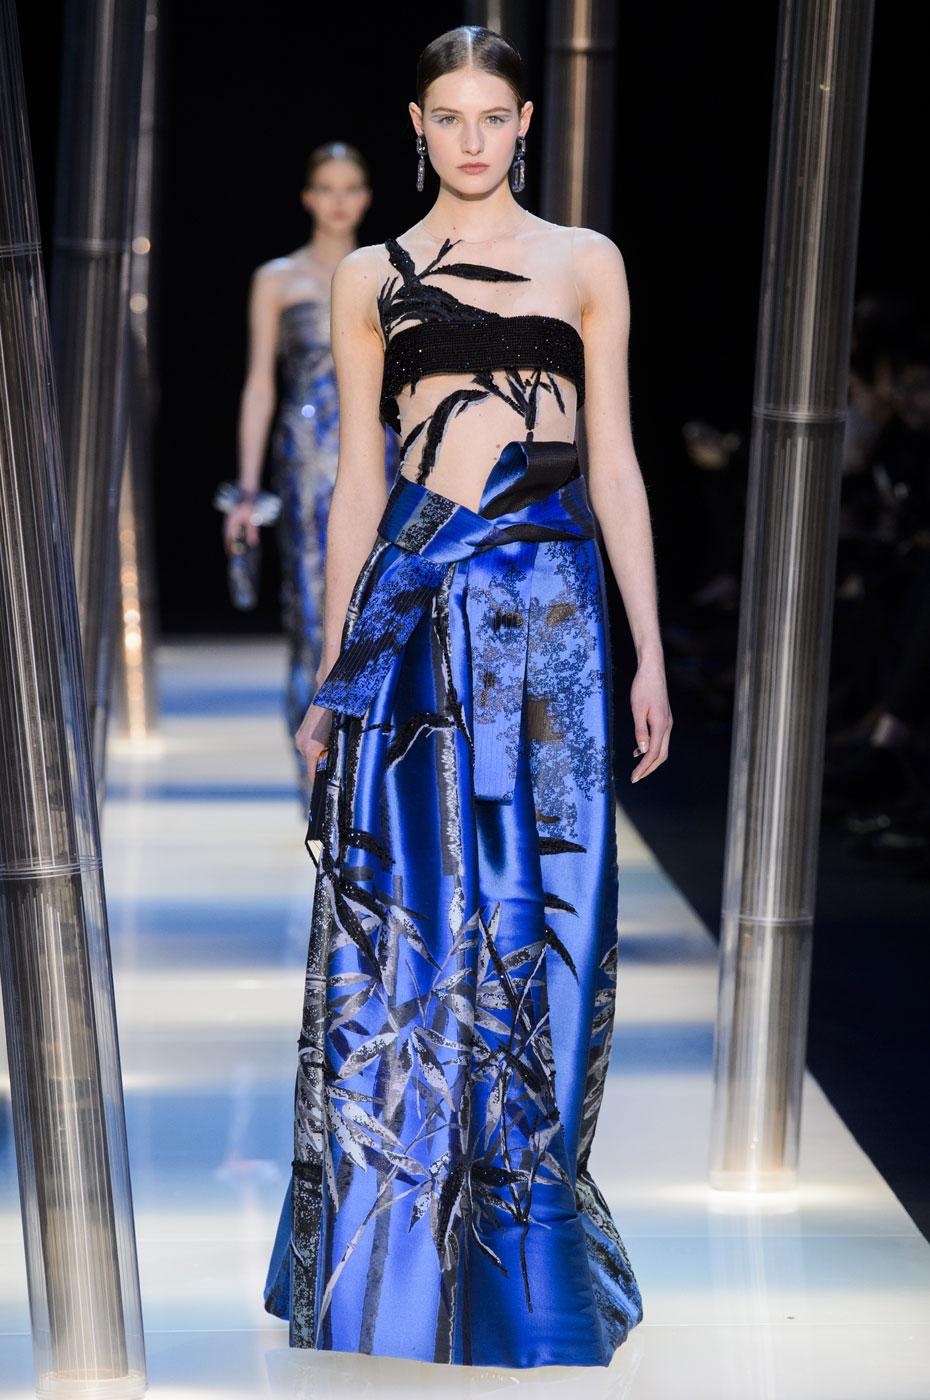 Giorgio-armani-Prive-fashion-runway-show-haute-couture-paris-spring-2015-the-impression-135